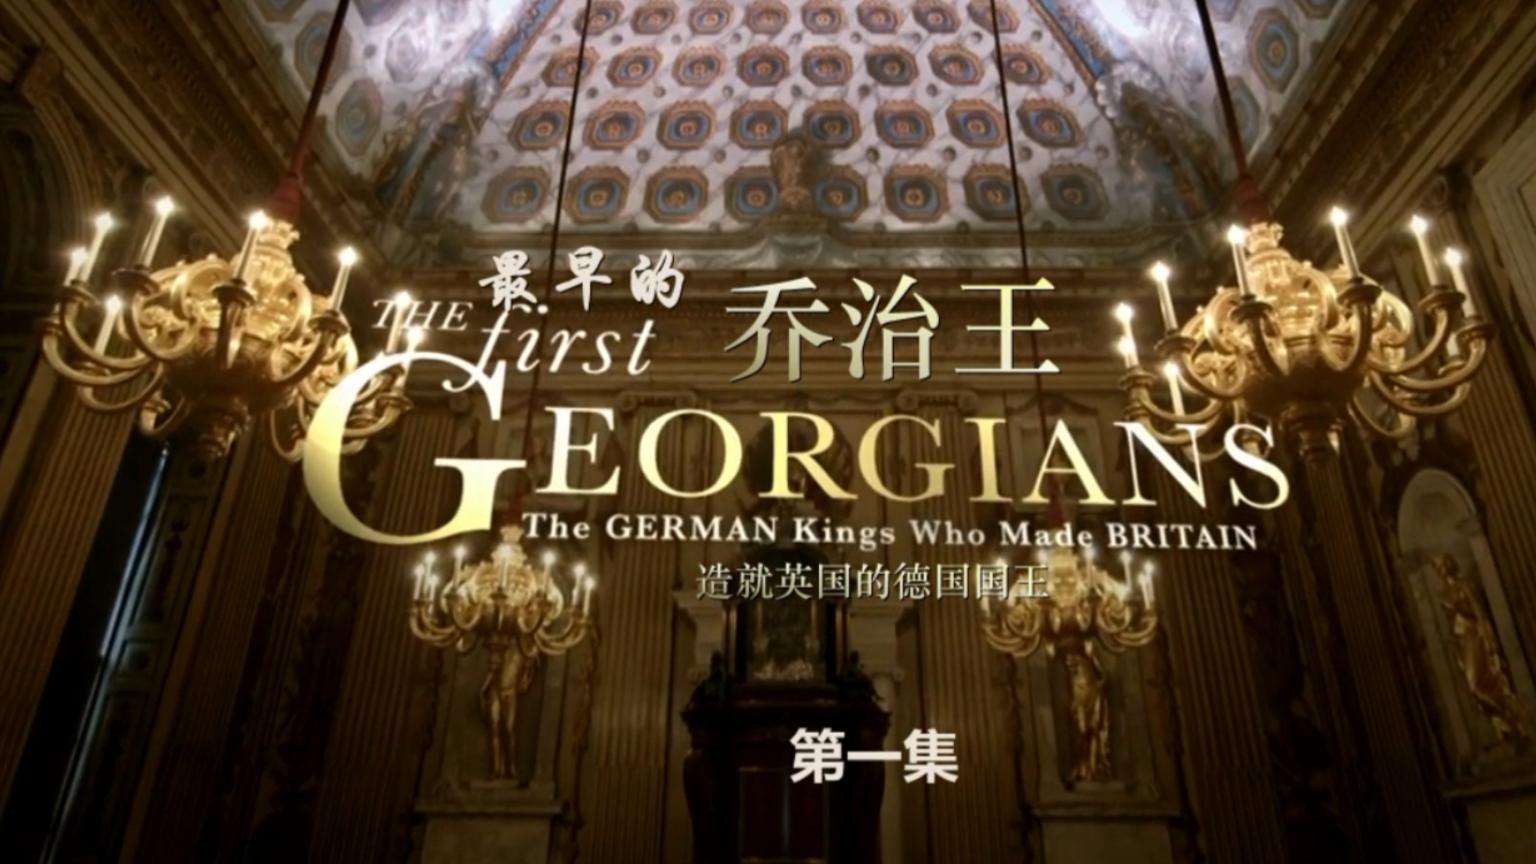 【纪录片】最早的乔治王:造就英国的德国国王 三集全【中英双语特效字幕】【冰冰字幕组】